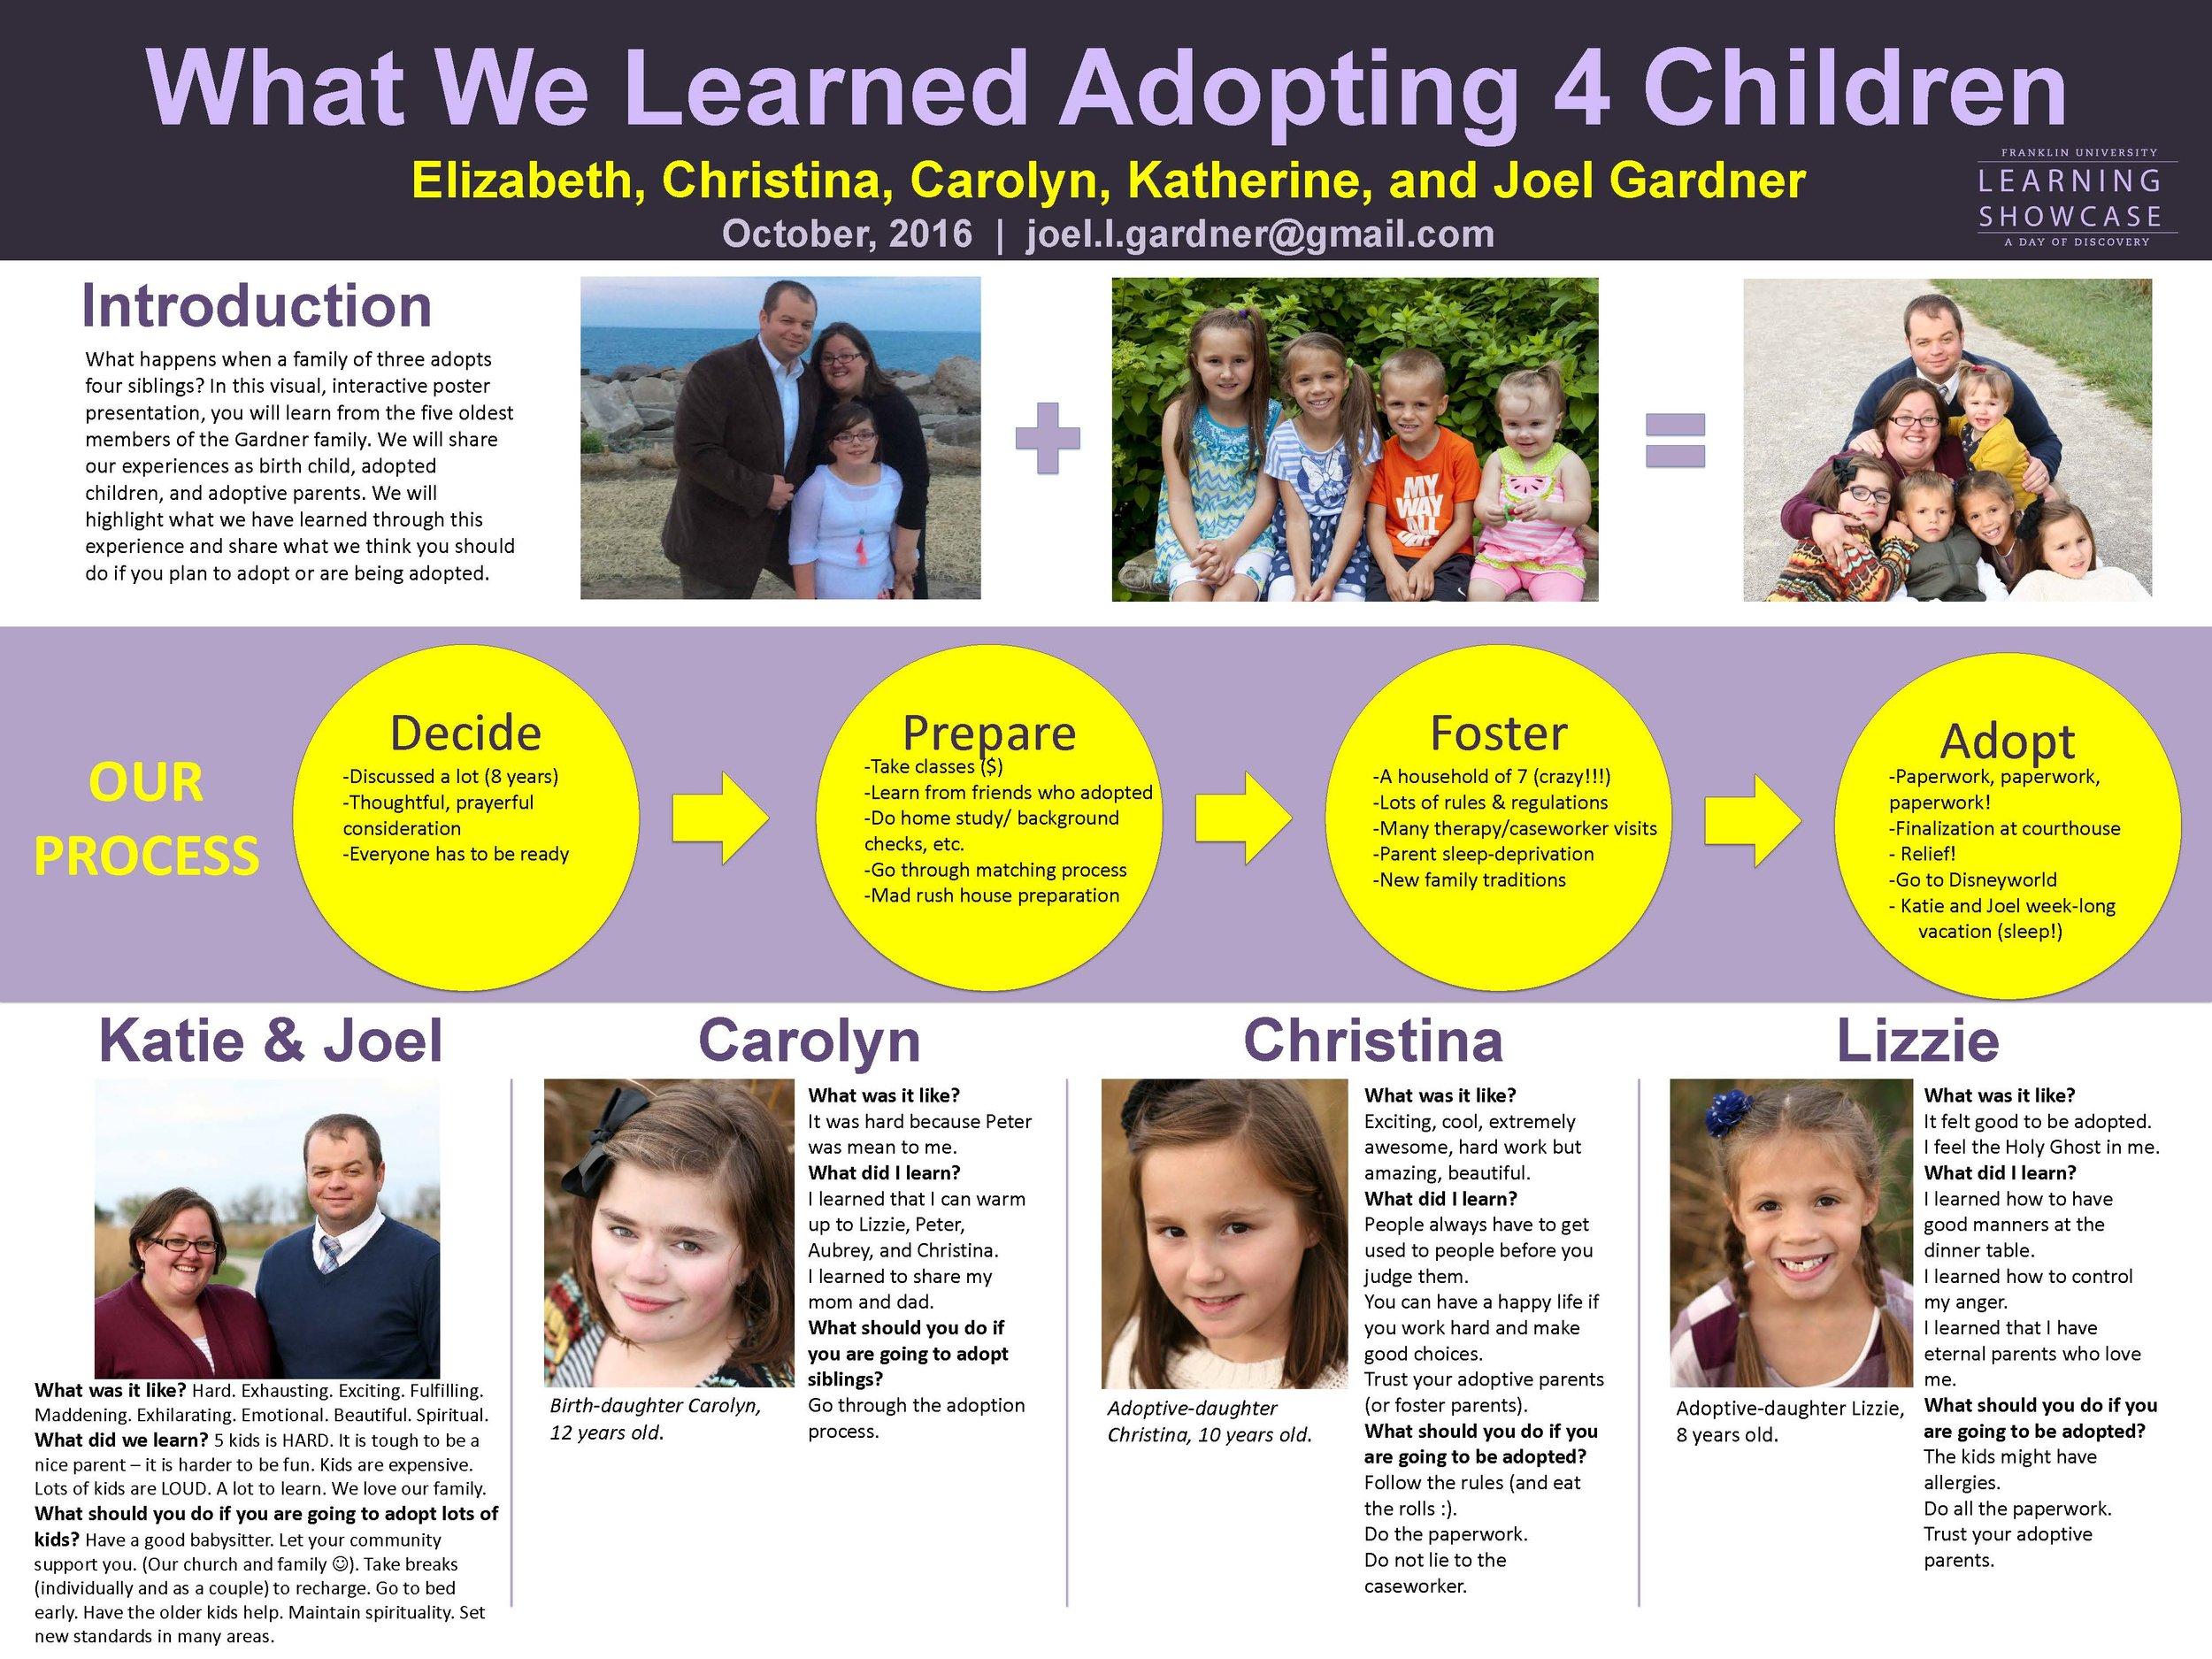 Showcase_Adoption.jpg